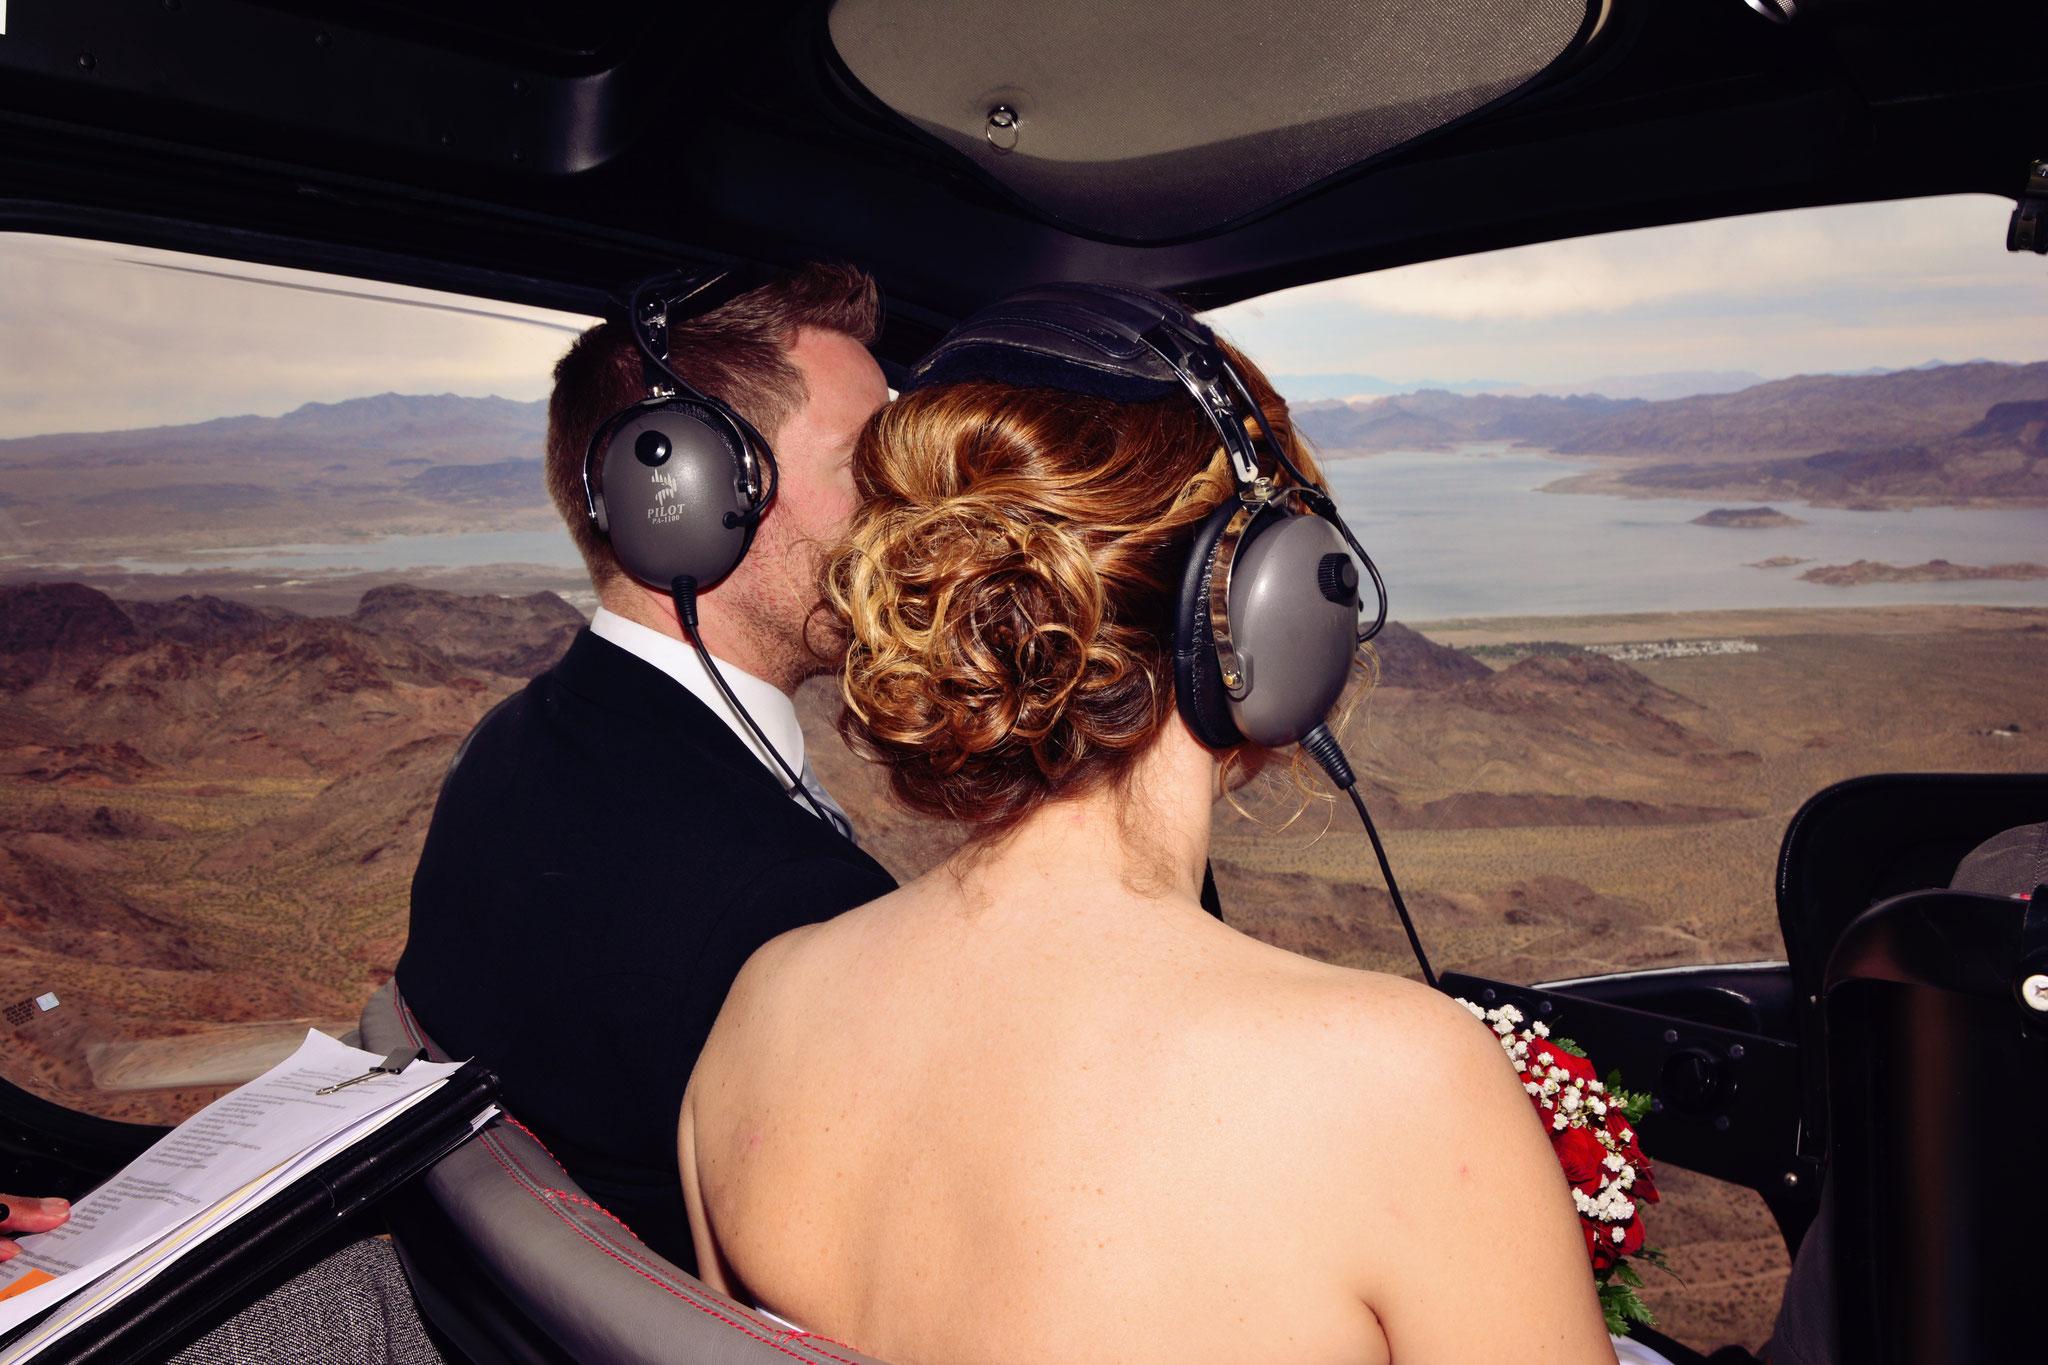 Das Brautpaar genießt den Hochzeitsflug im Helikopter